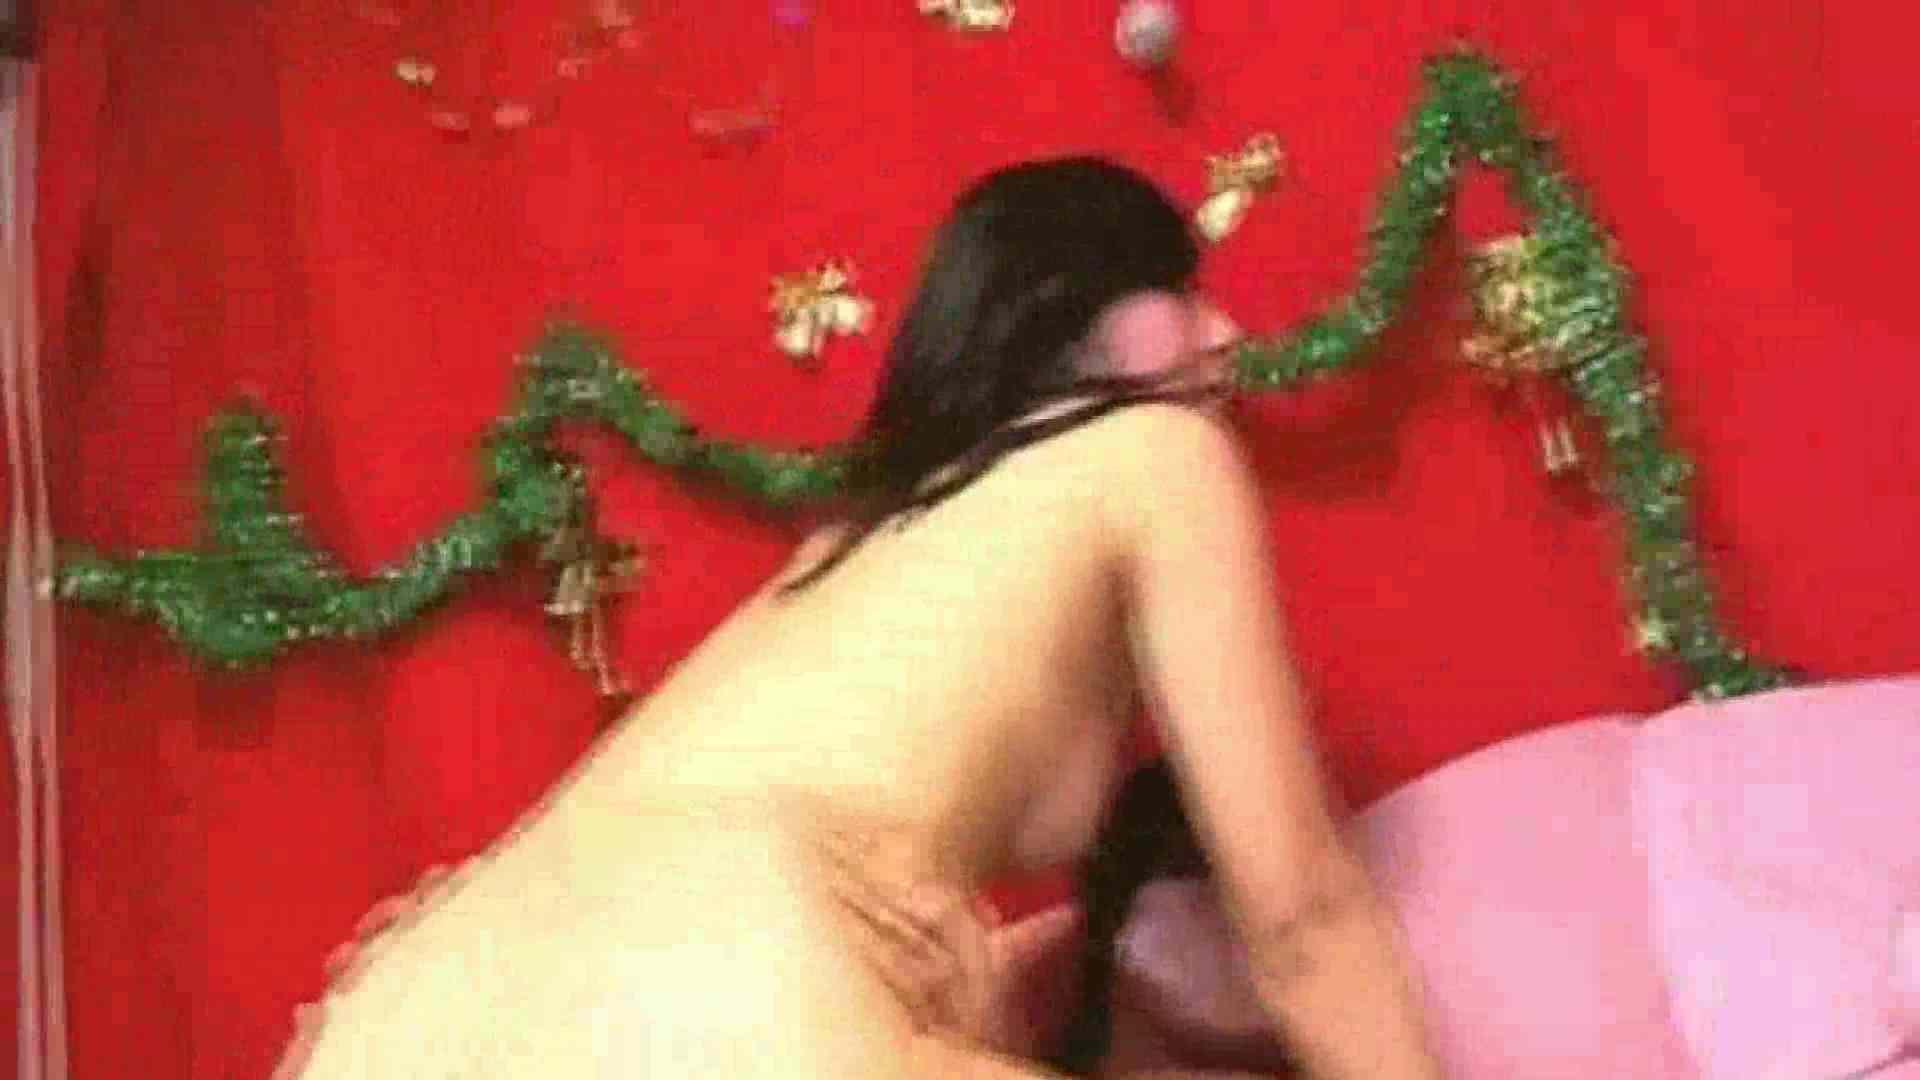 素人ギャル女良のハメ撮り!生チャット!Vol.08前編 エッチな美女 おまんこ動画流出 110pic 95